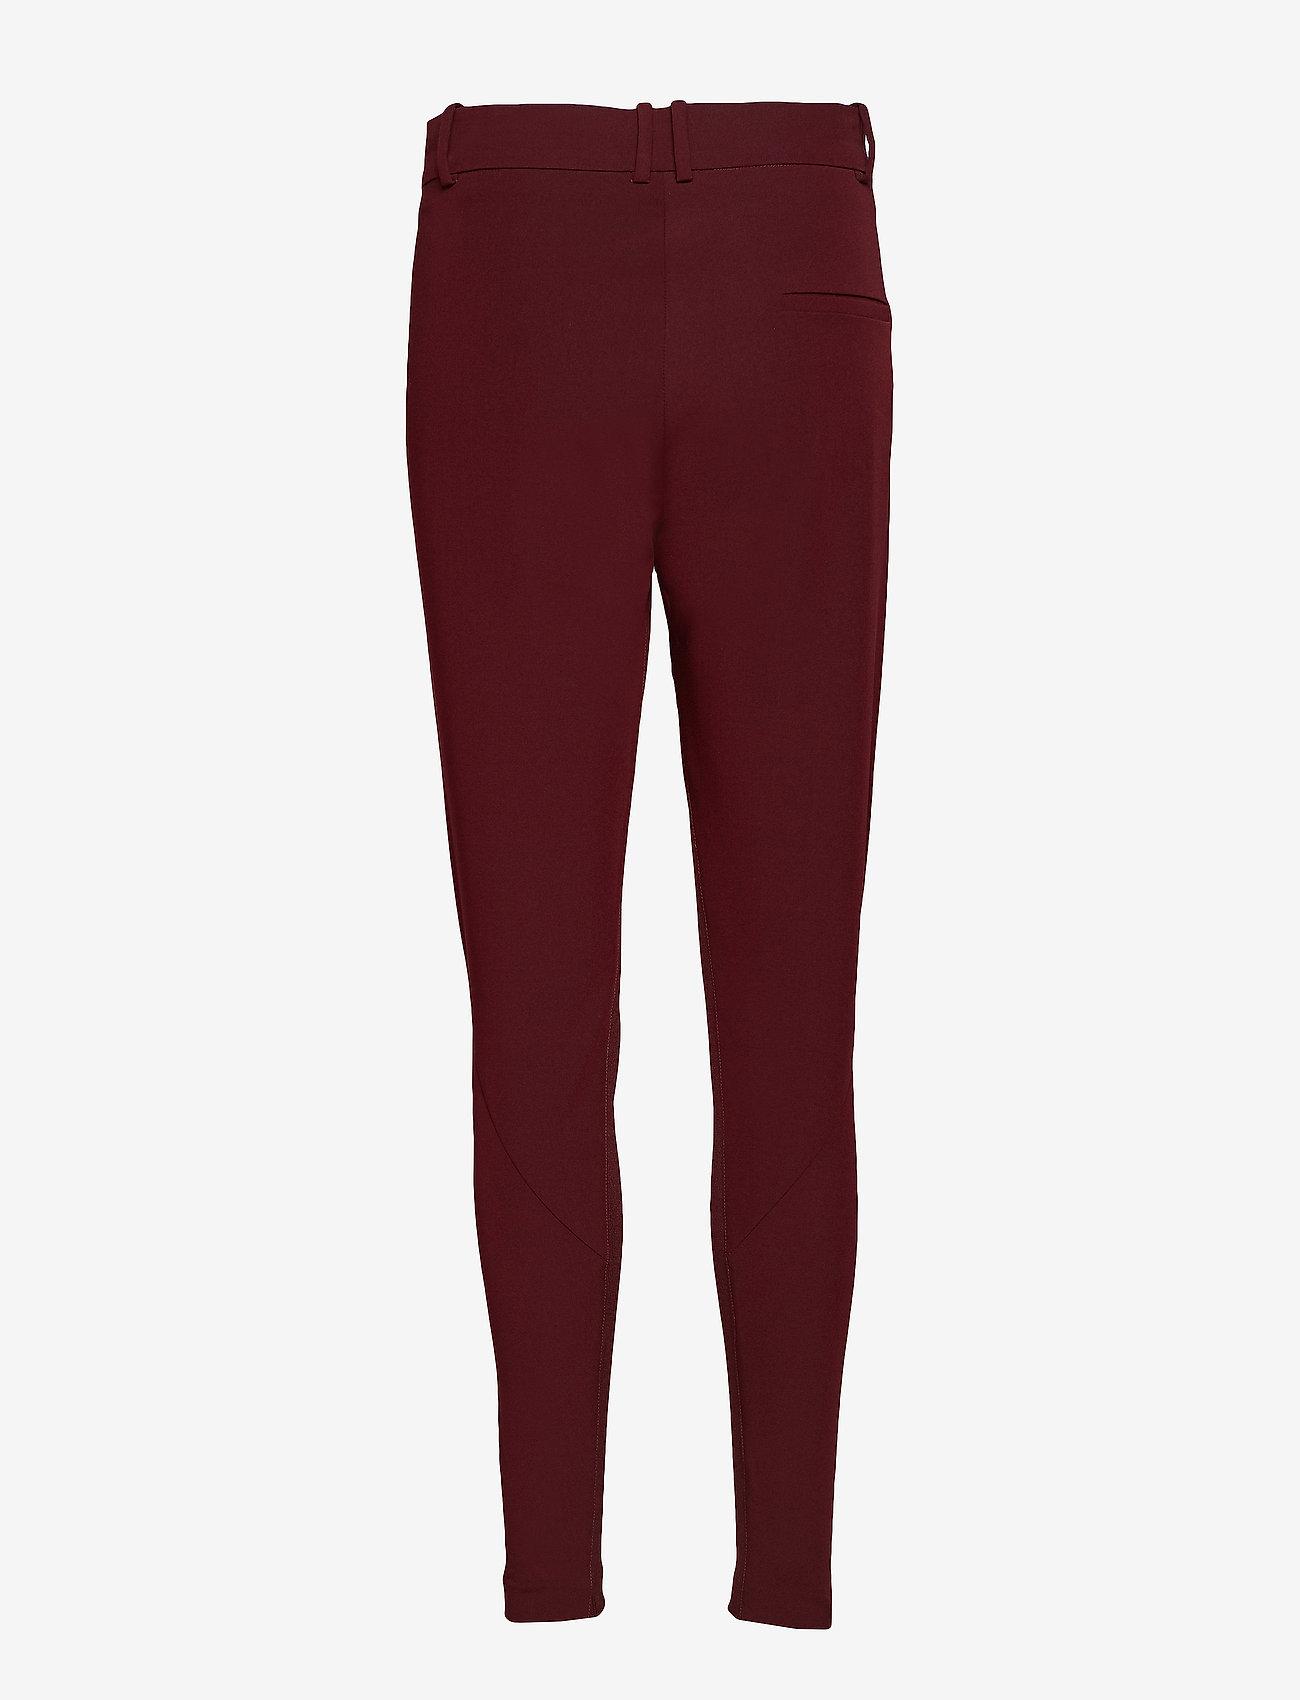 Coster Copenhagen Suit pants - Coco - Spodnie BORDEAUX - Kobiety Odzież.